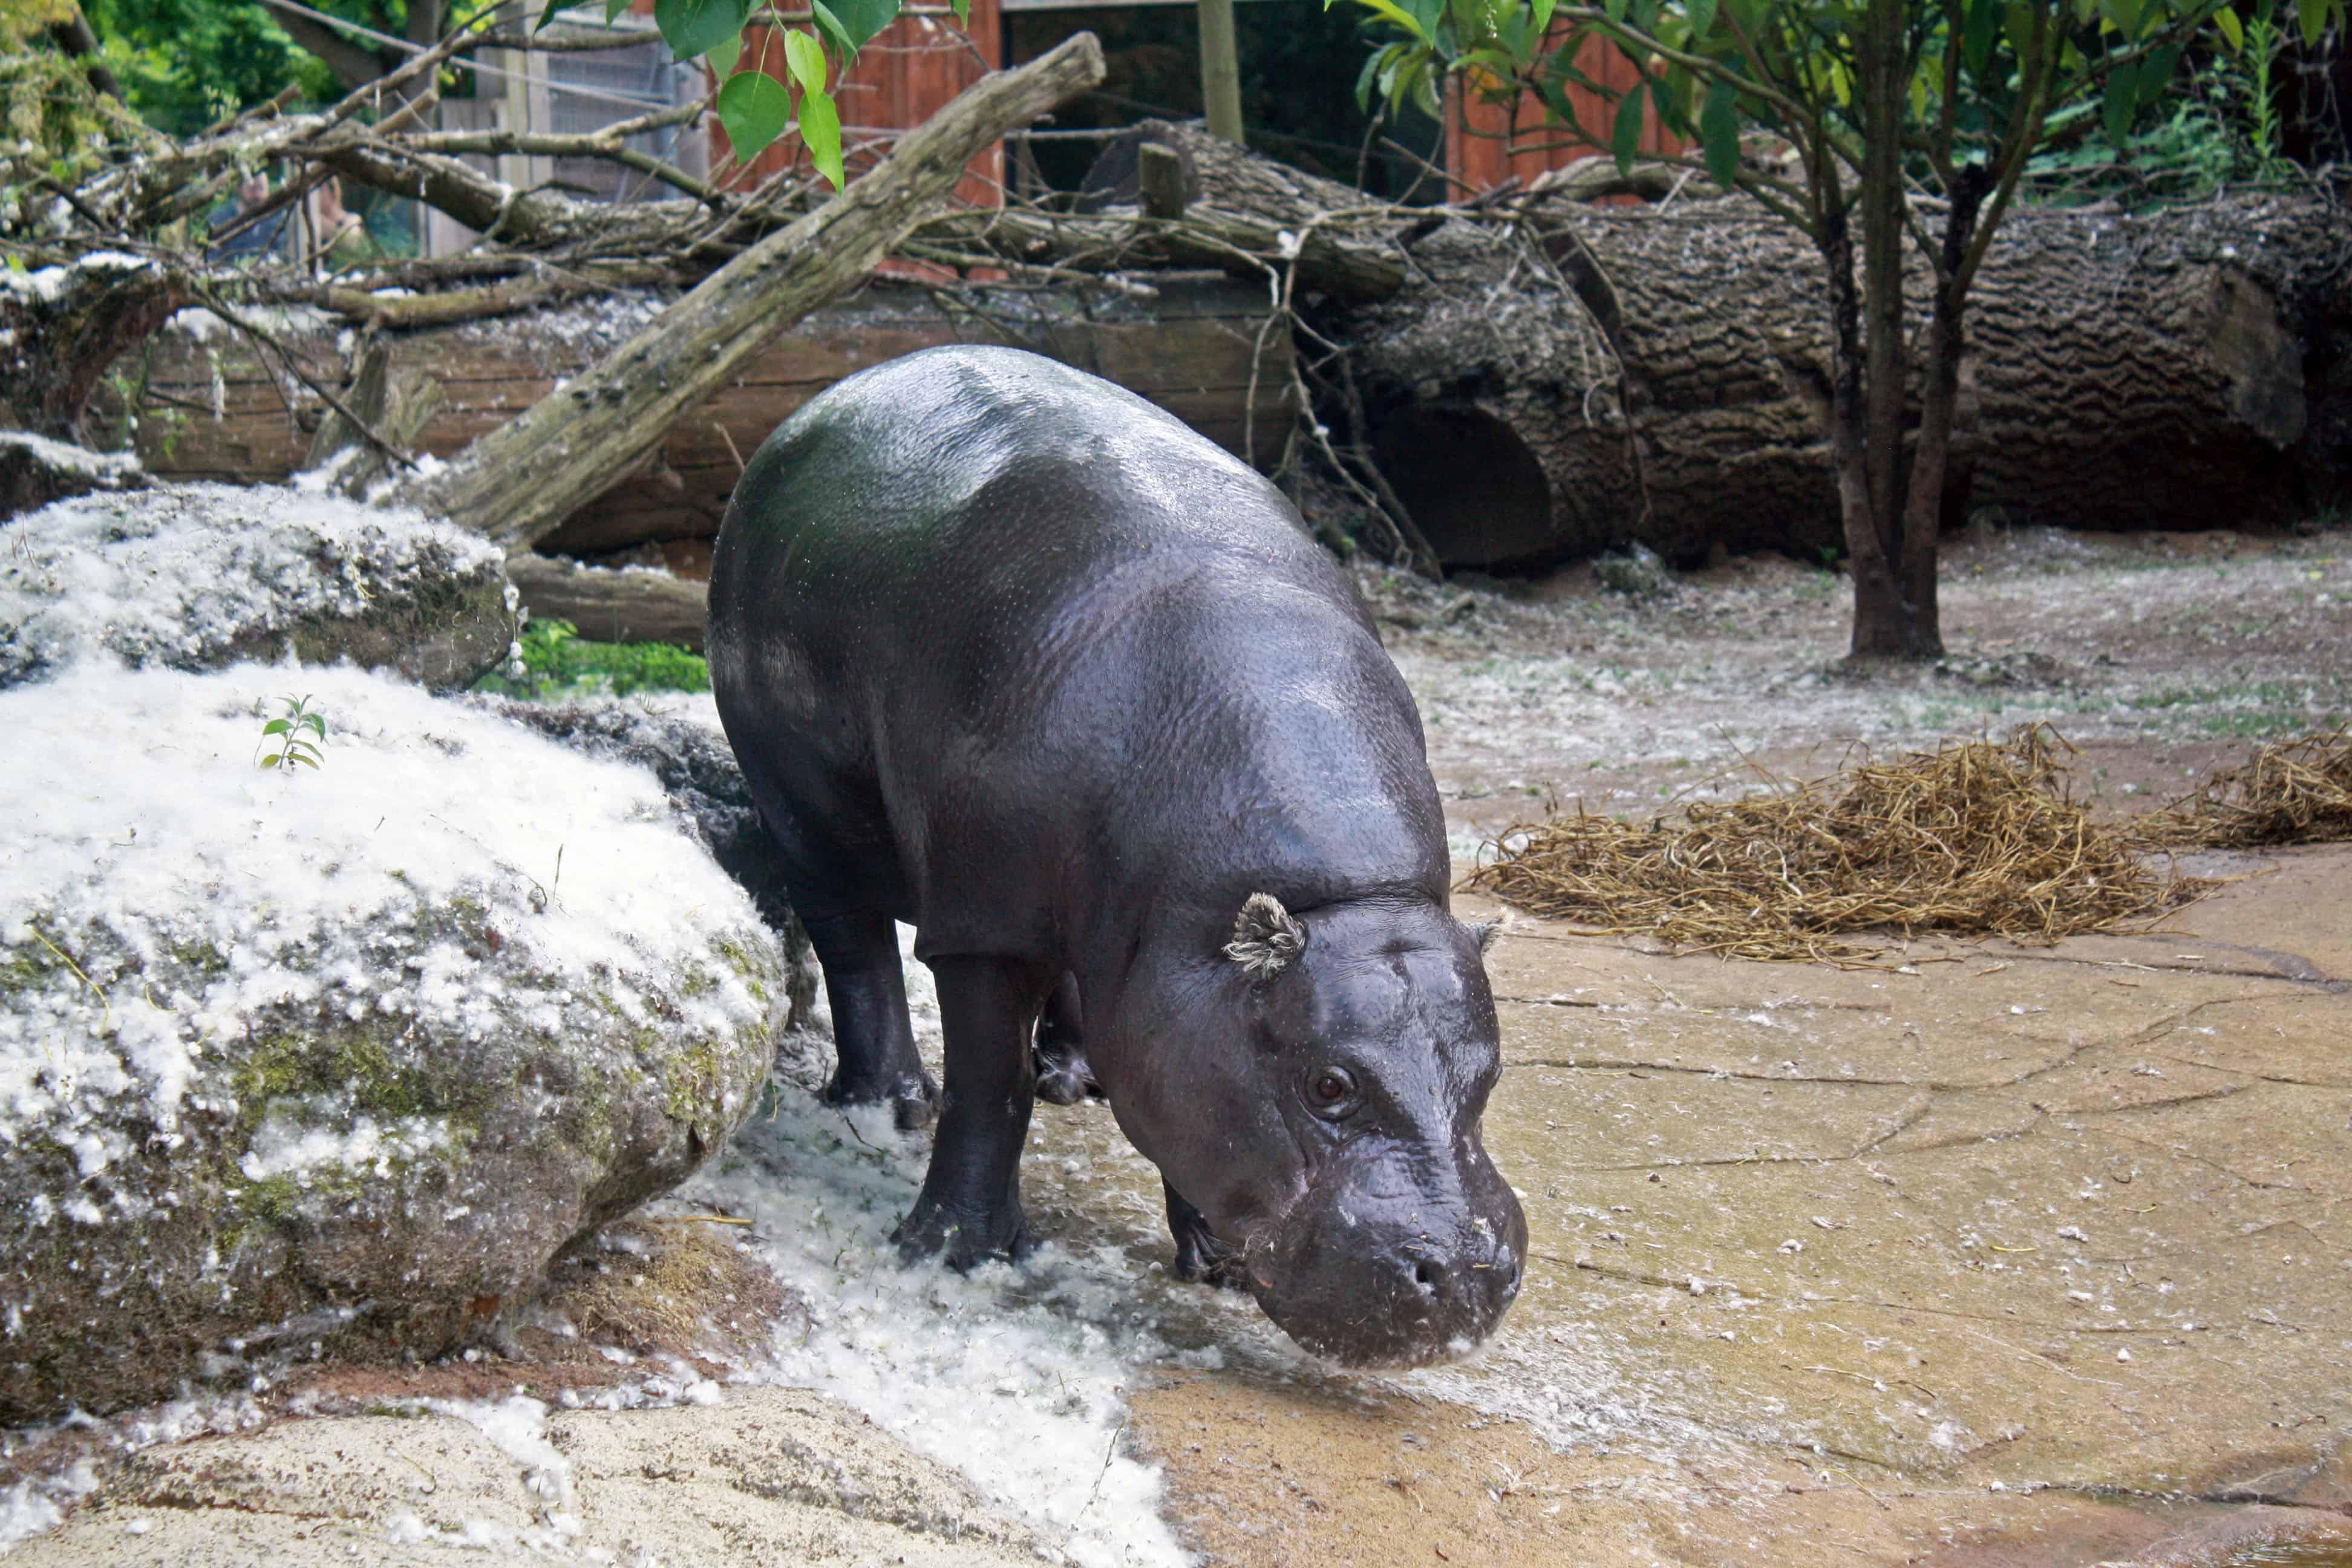 Pygmy Hippo at London Zoo